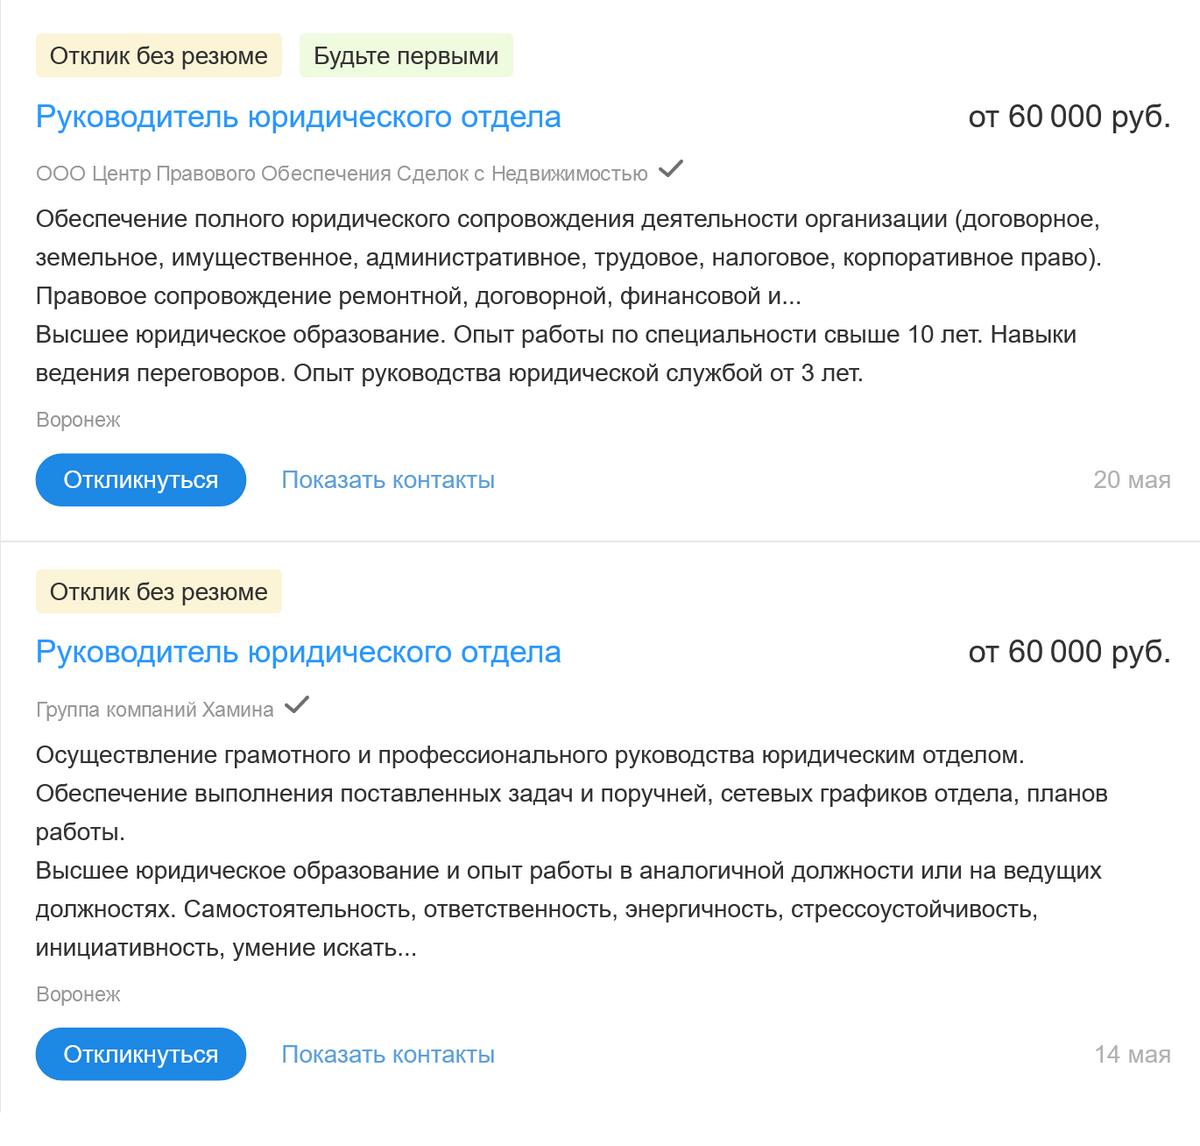 В Воронеже такиеже суммы. Источник: voronezh.hh.ru